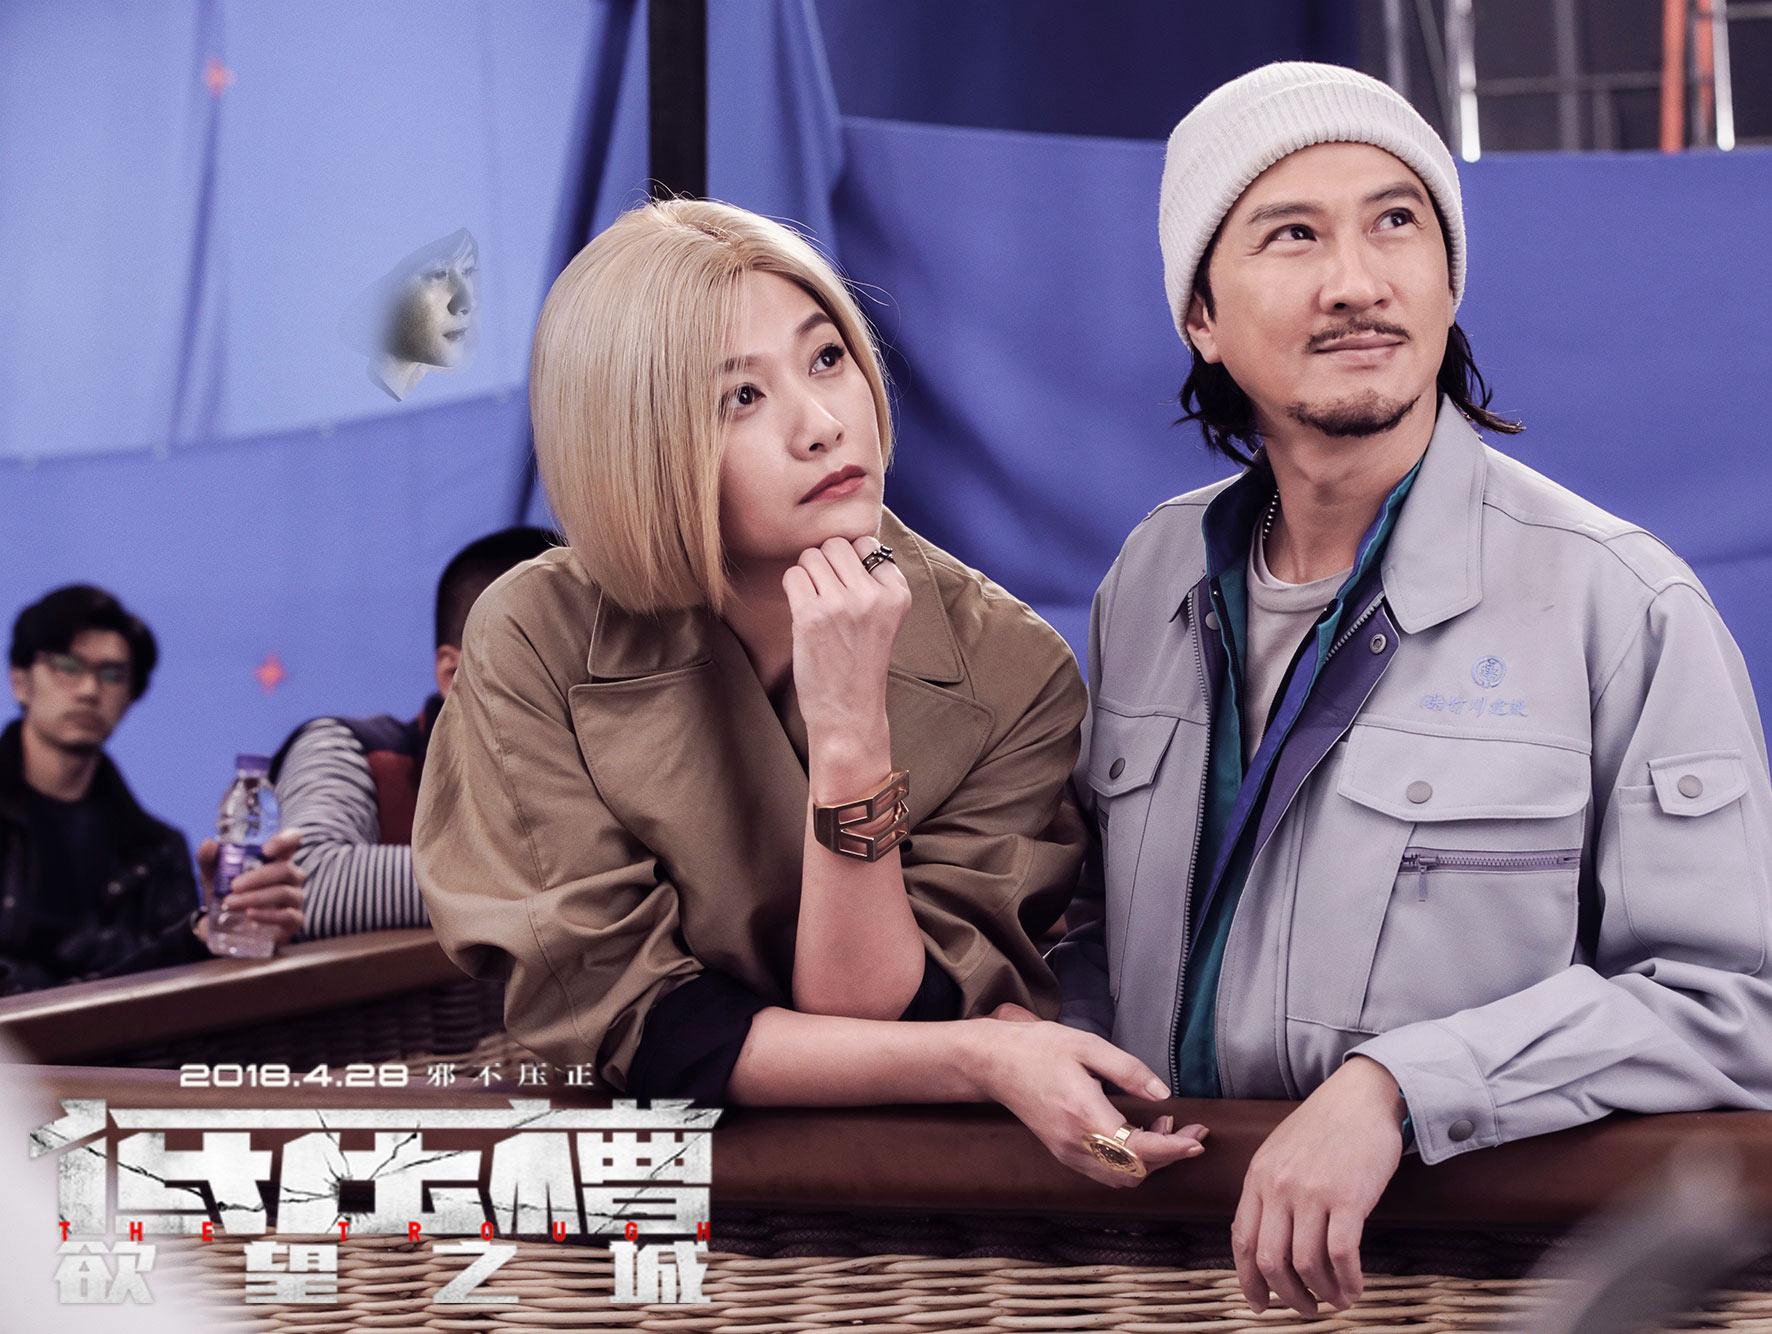 《低压槽:欲望之城》曝徐静蕾最新剧照